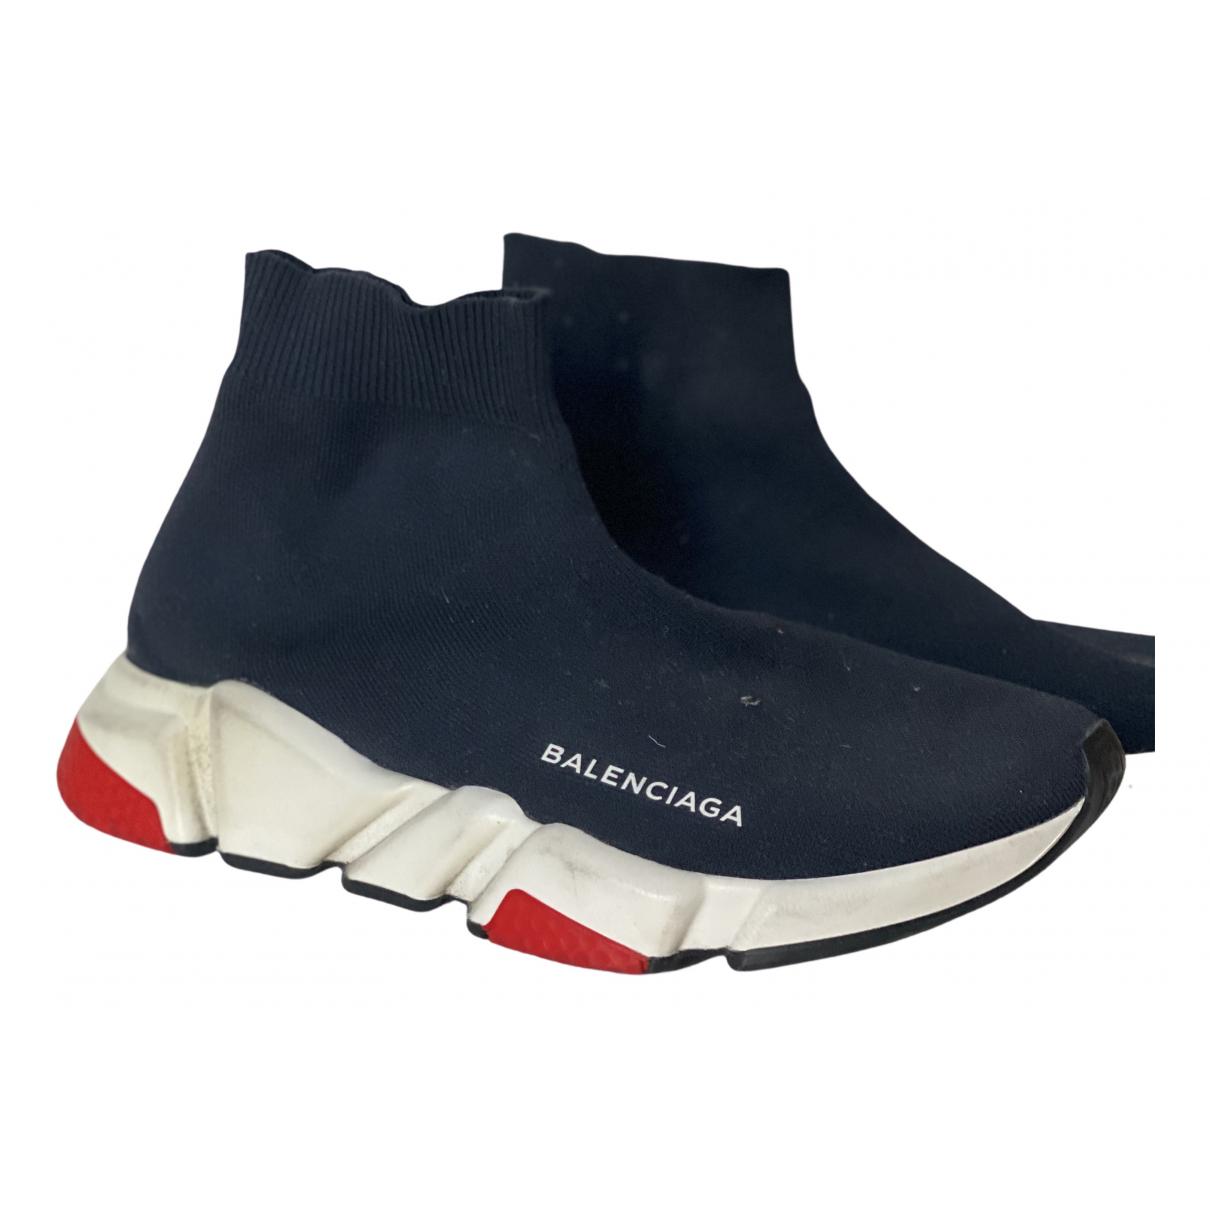 Balenciaga - Baskets Speed pour femme - bleu